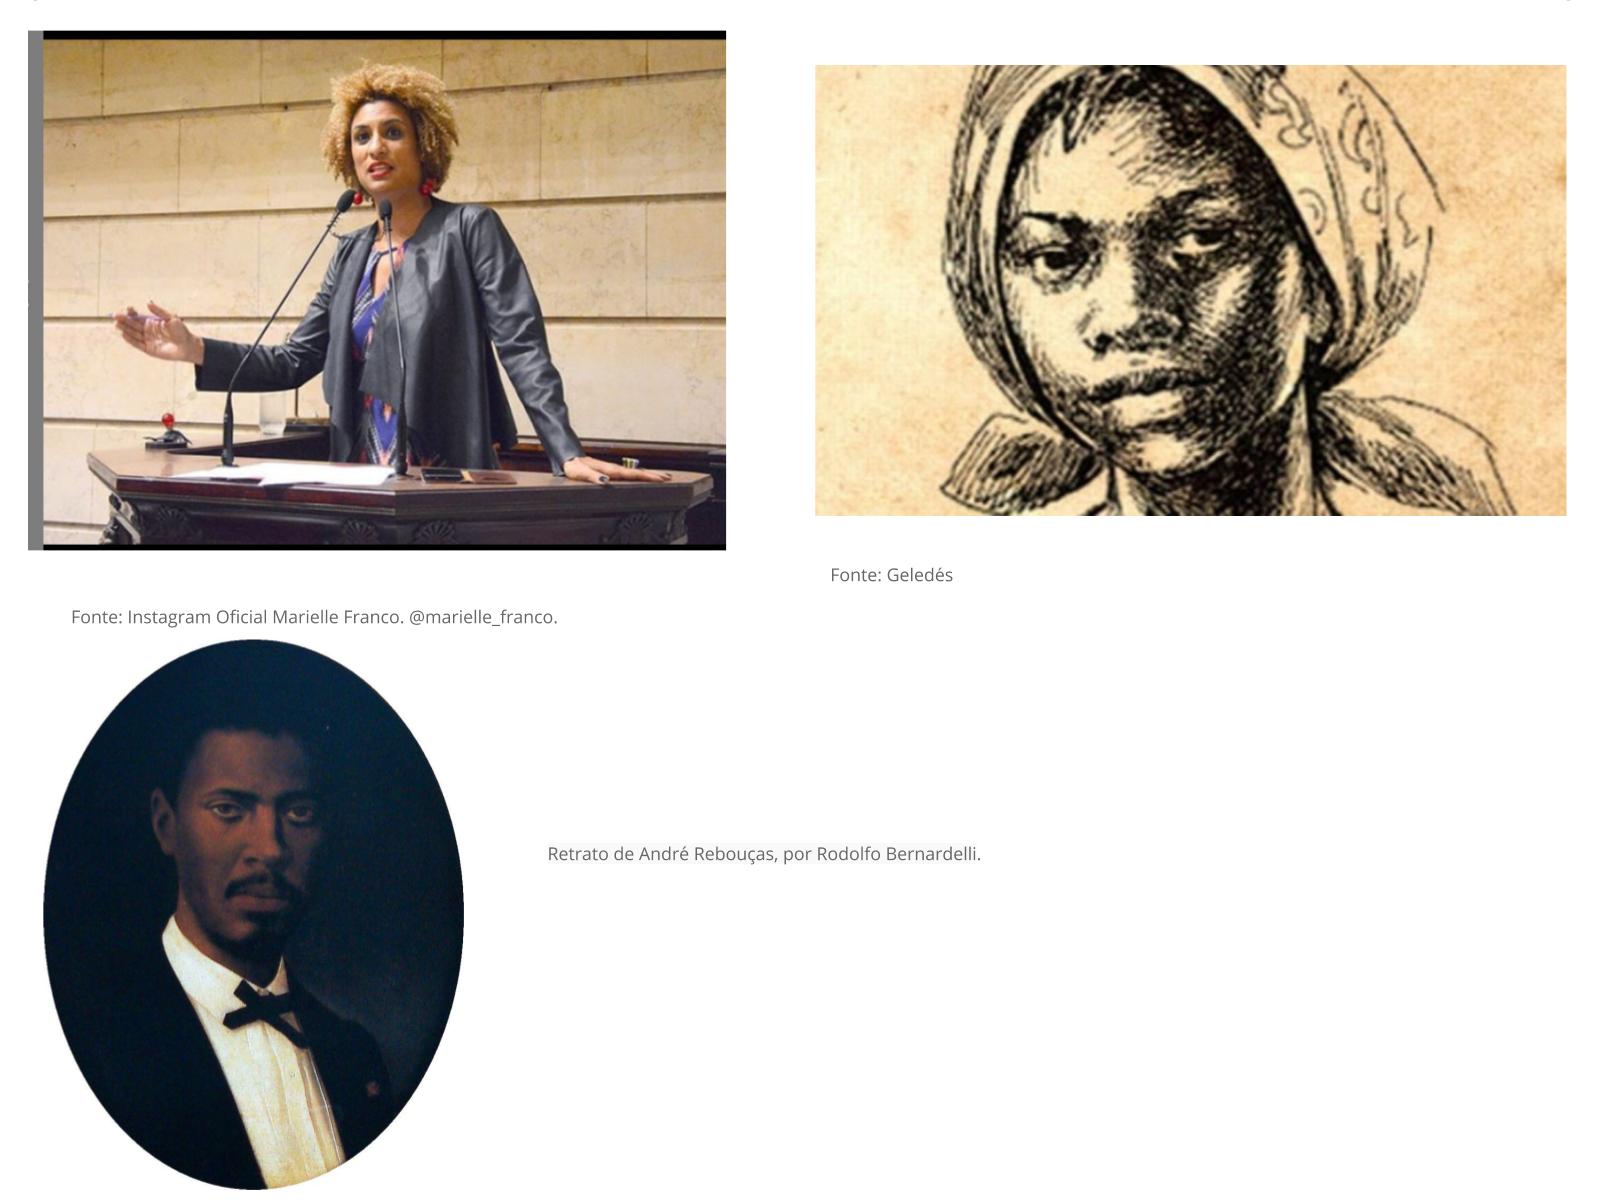 As teorias raciais do século XIX e o racismo na sociedade atual